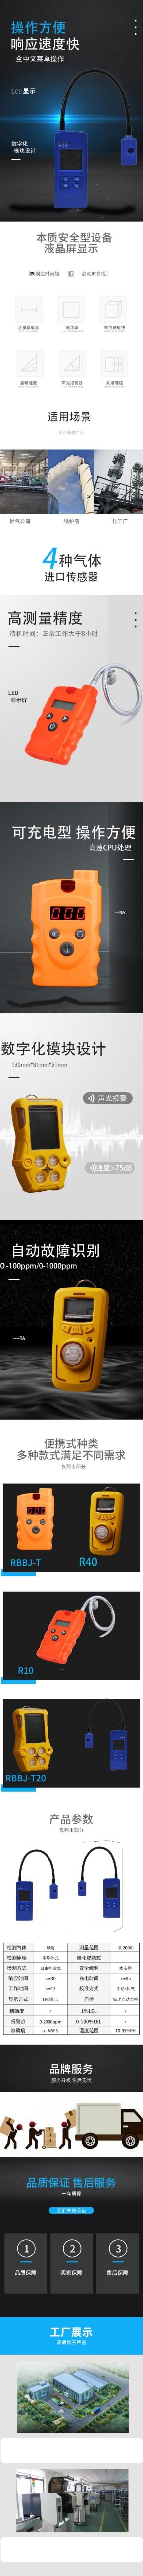 便携式气体检测仪 (1).jpg